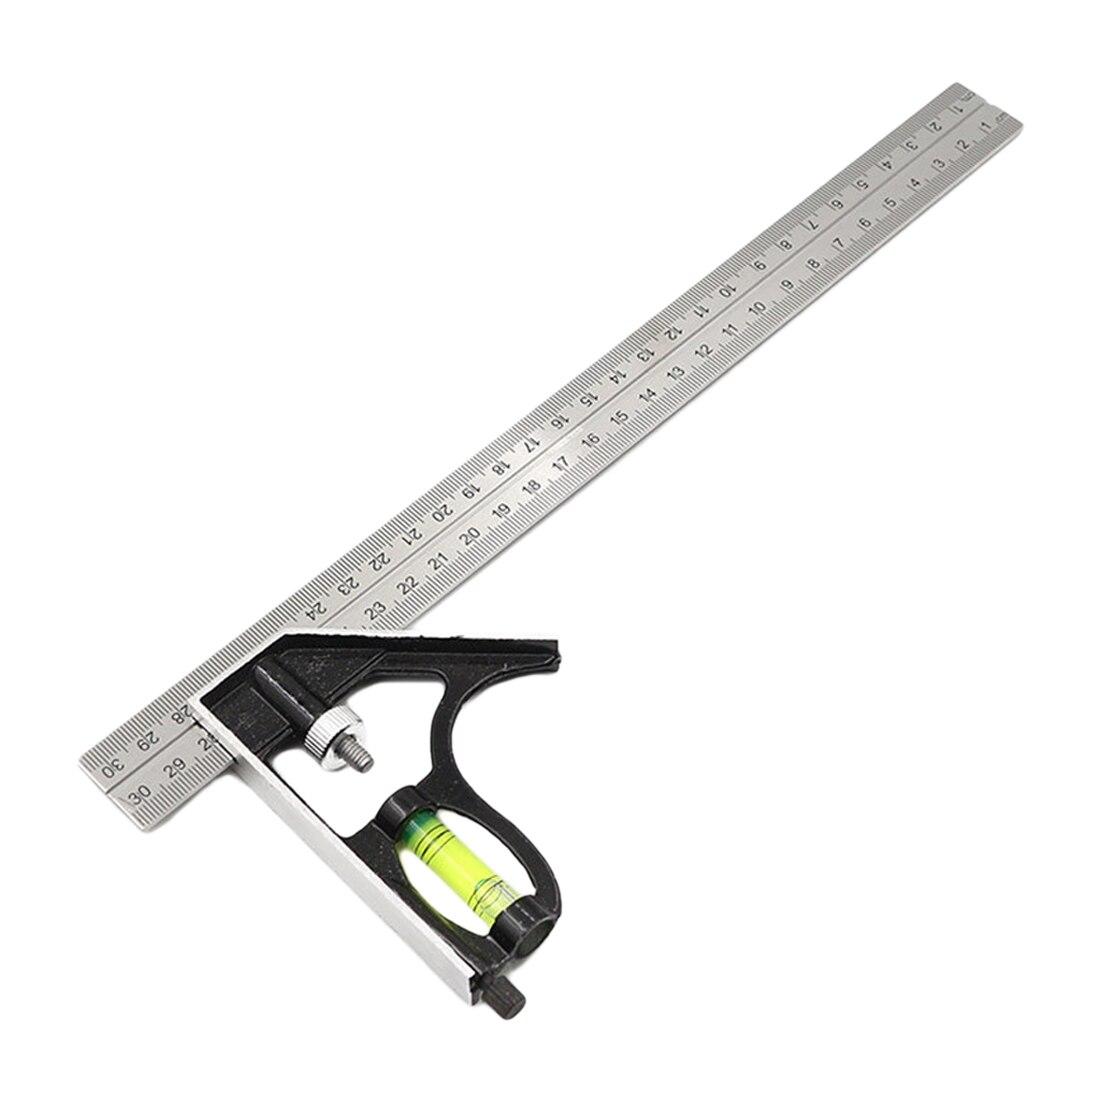 12 pulgadas combinación ajustable Ángulo Cuadrado regla 45 / 90 grados con nivel de burbuja multifuncional de herramientas de medición 300mm